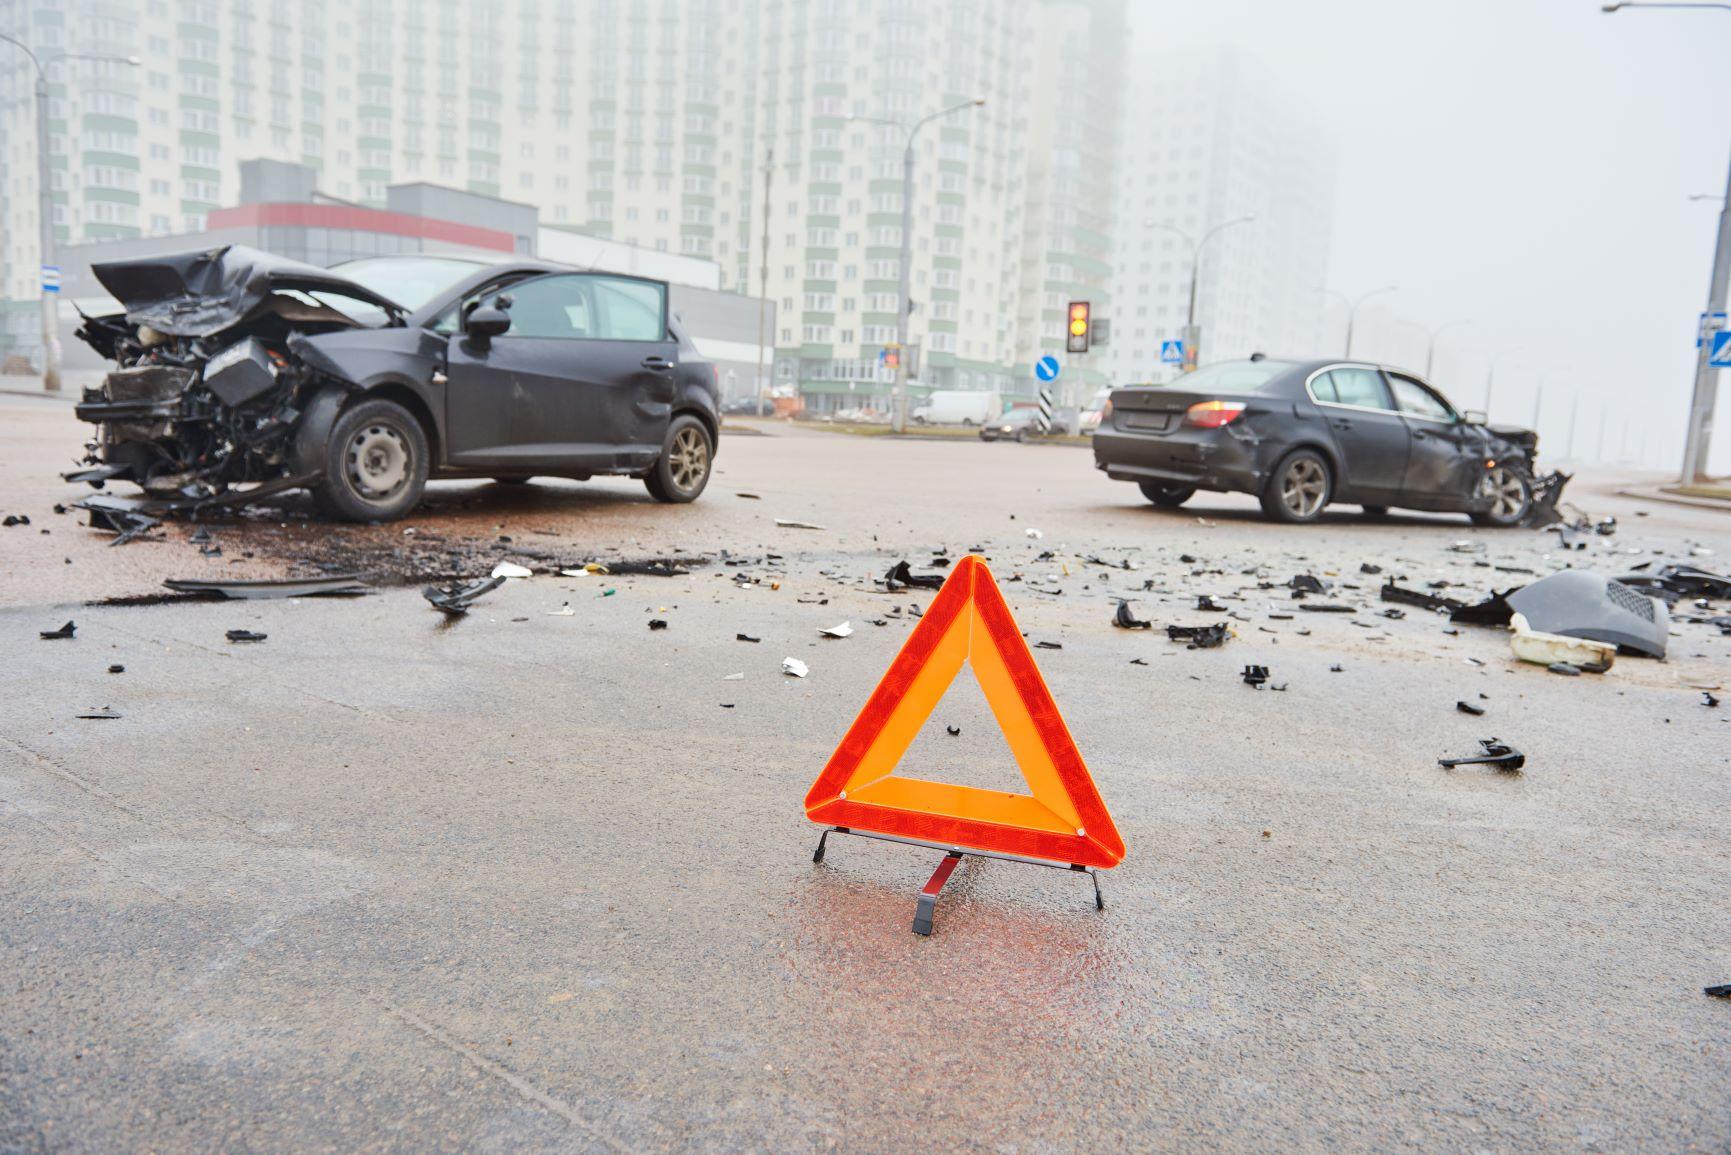 autonehoda výstražný trojuholník